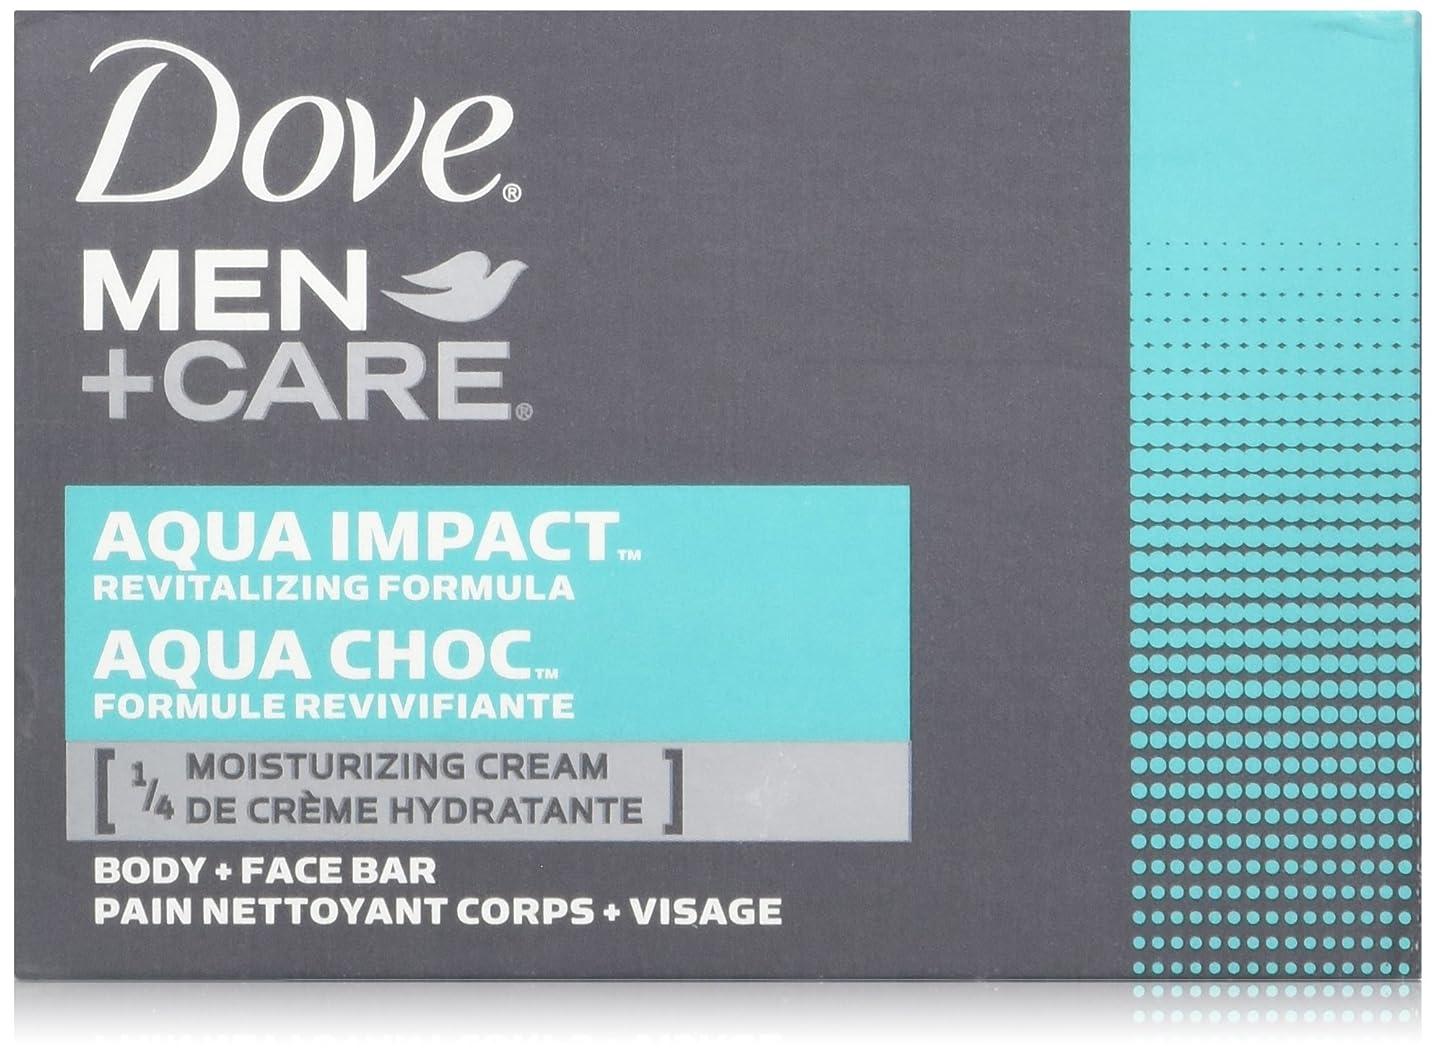 ロマンス風裁量Dove Men + Care Body and Face Bar, AQUA IMPACT 4oz x 6soaps ダブ メン プラスケア アクアインパクト 固形石鹸 4oz x 6個パック